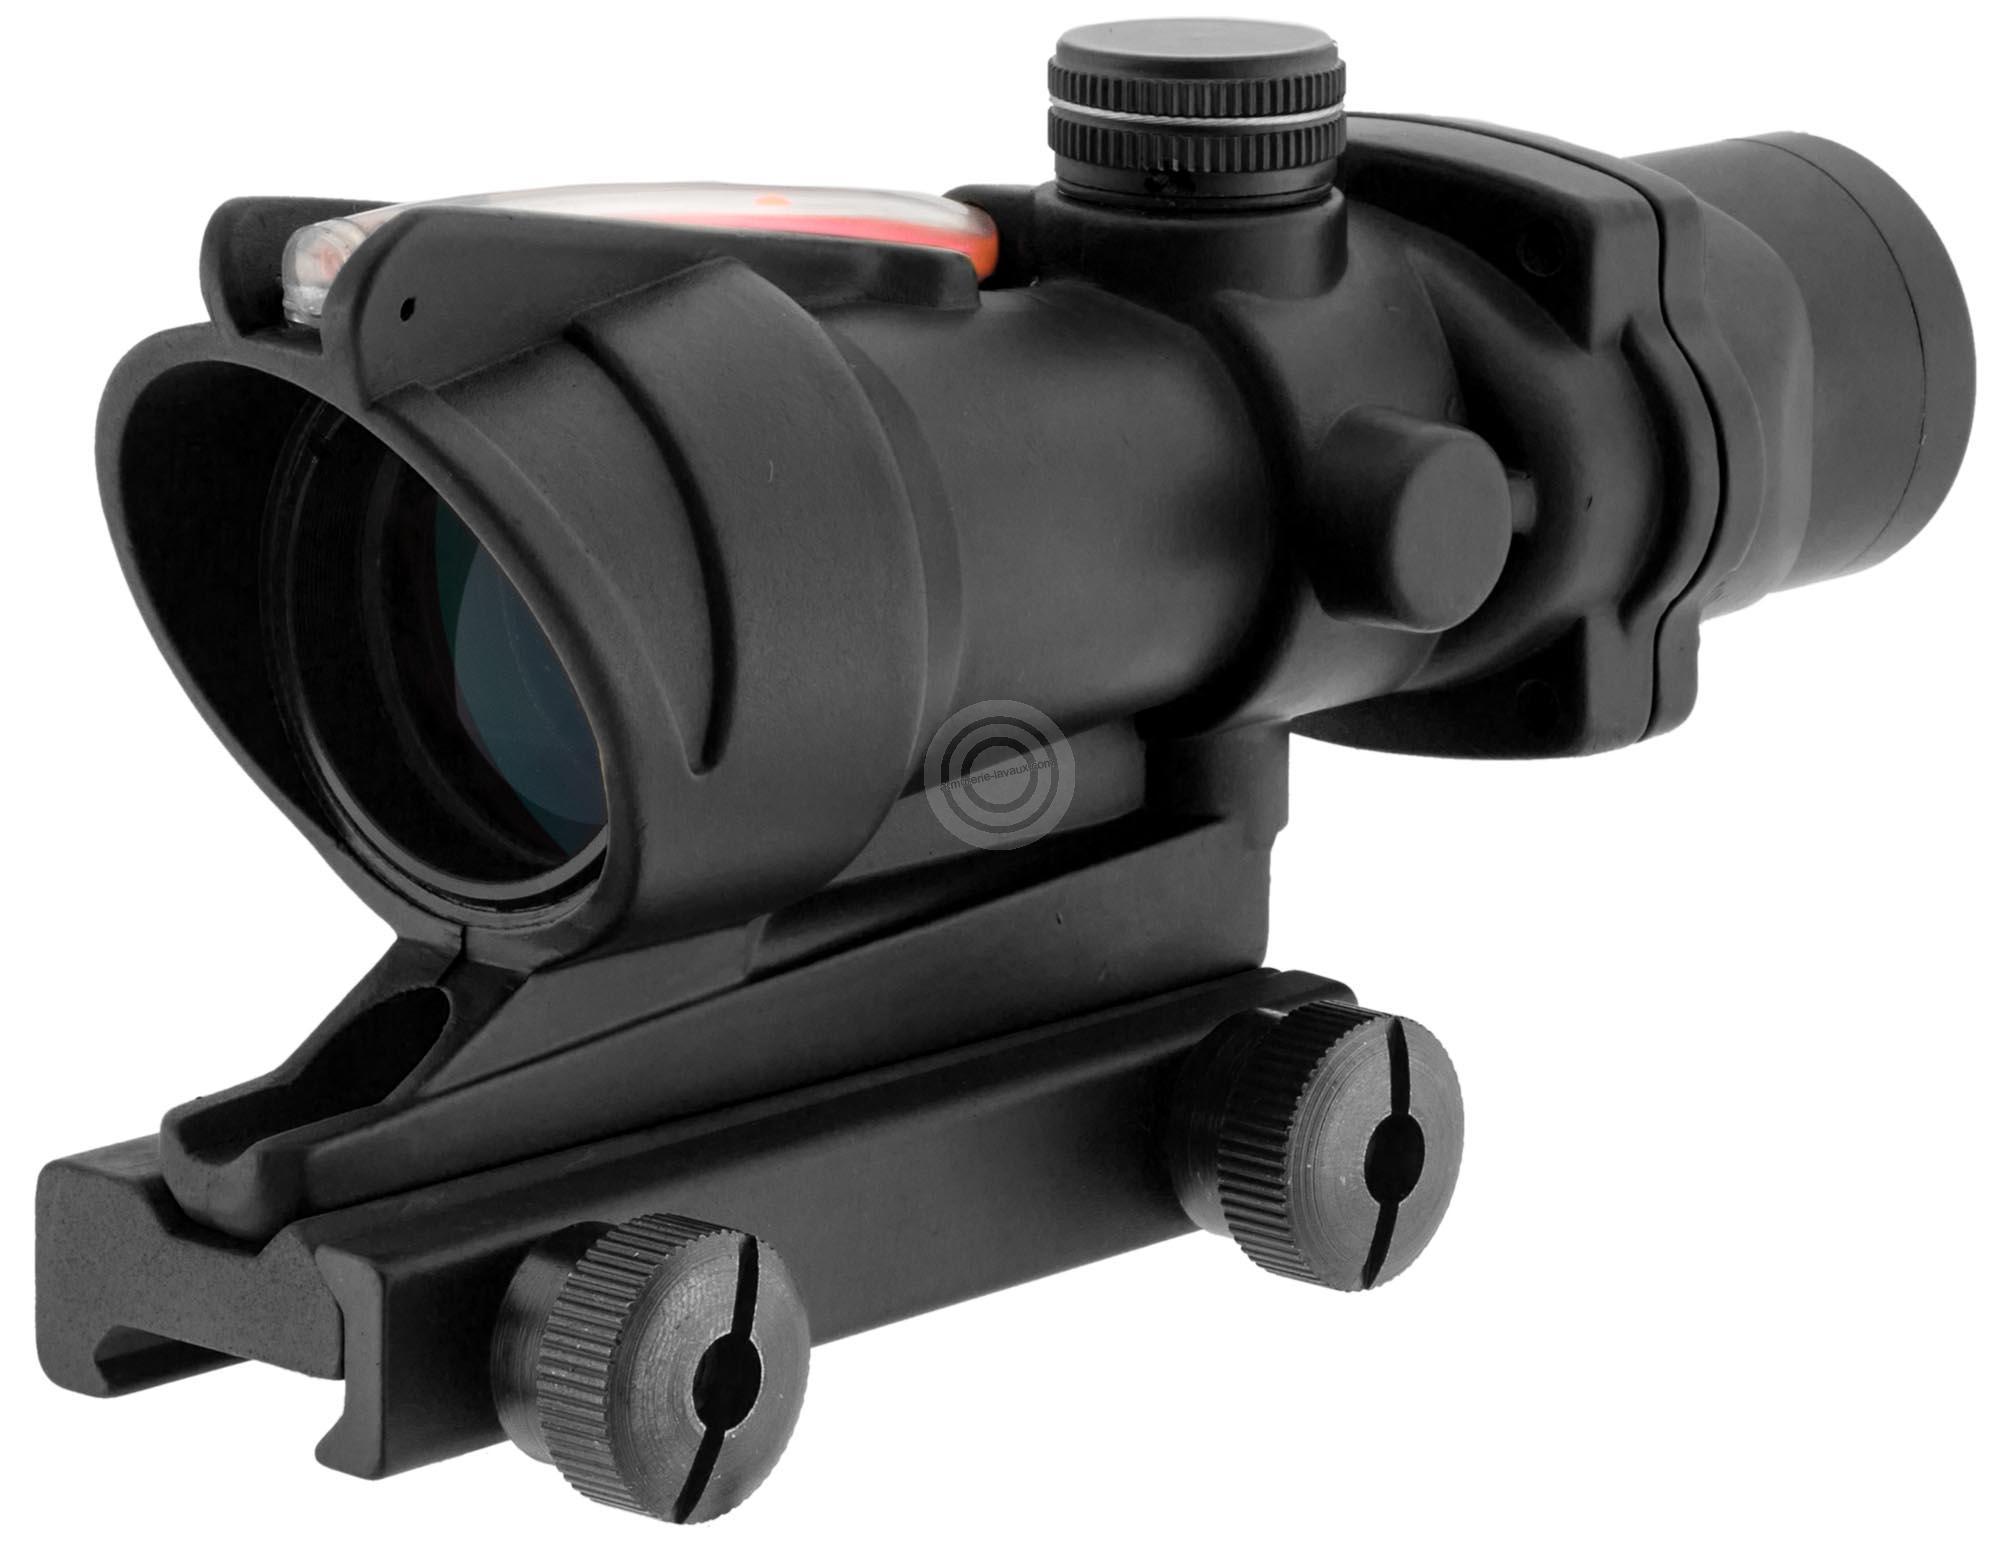 Lunette point rouge tactical NUPROL Tech ACOG 4x32